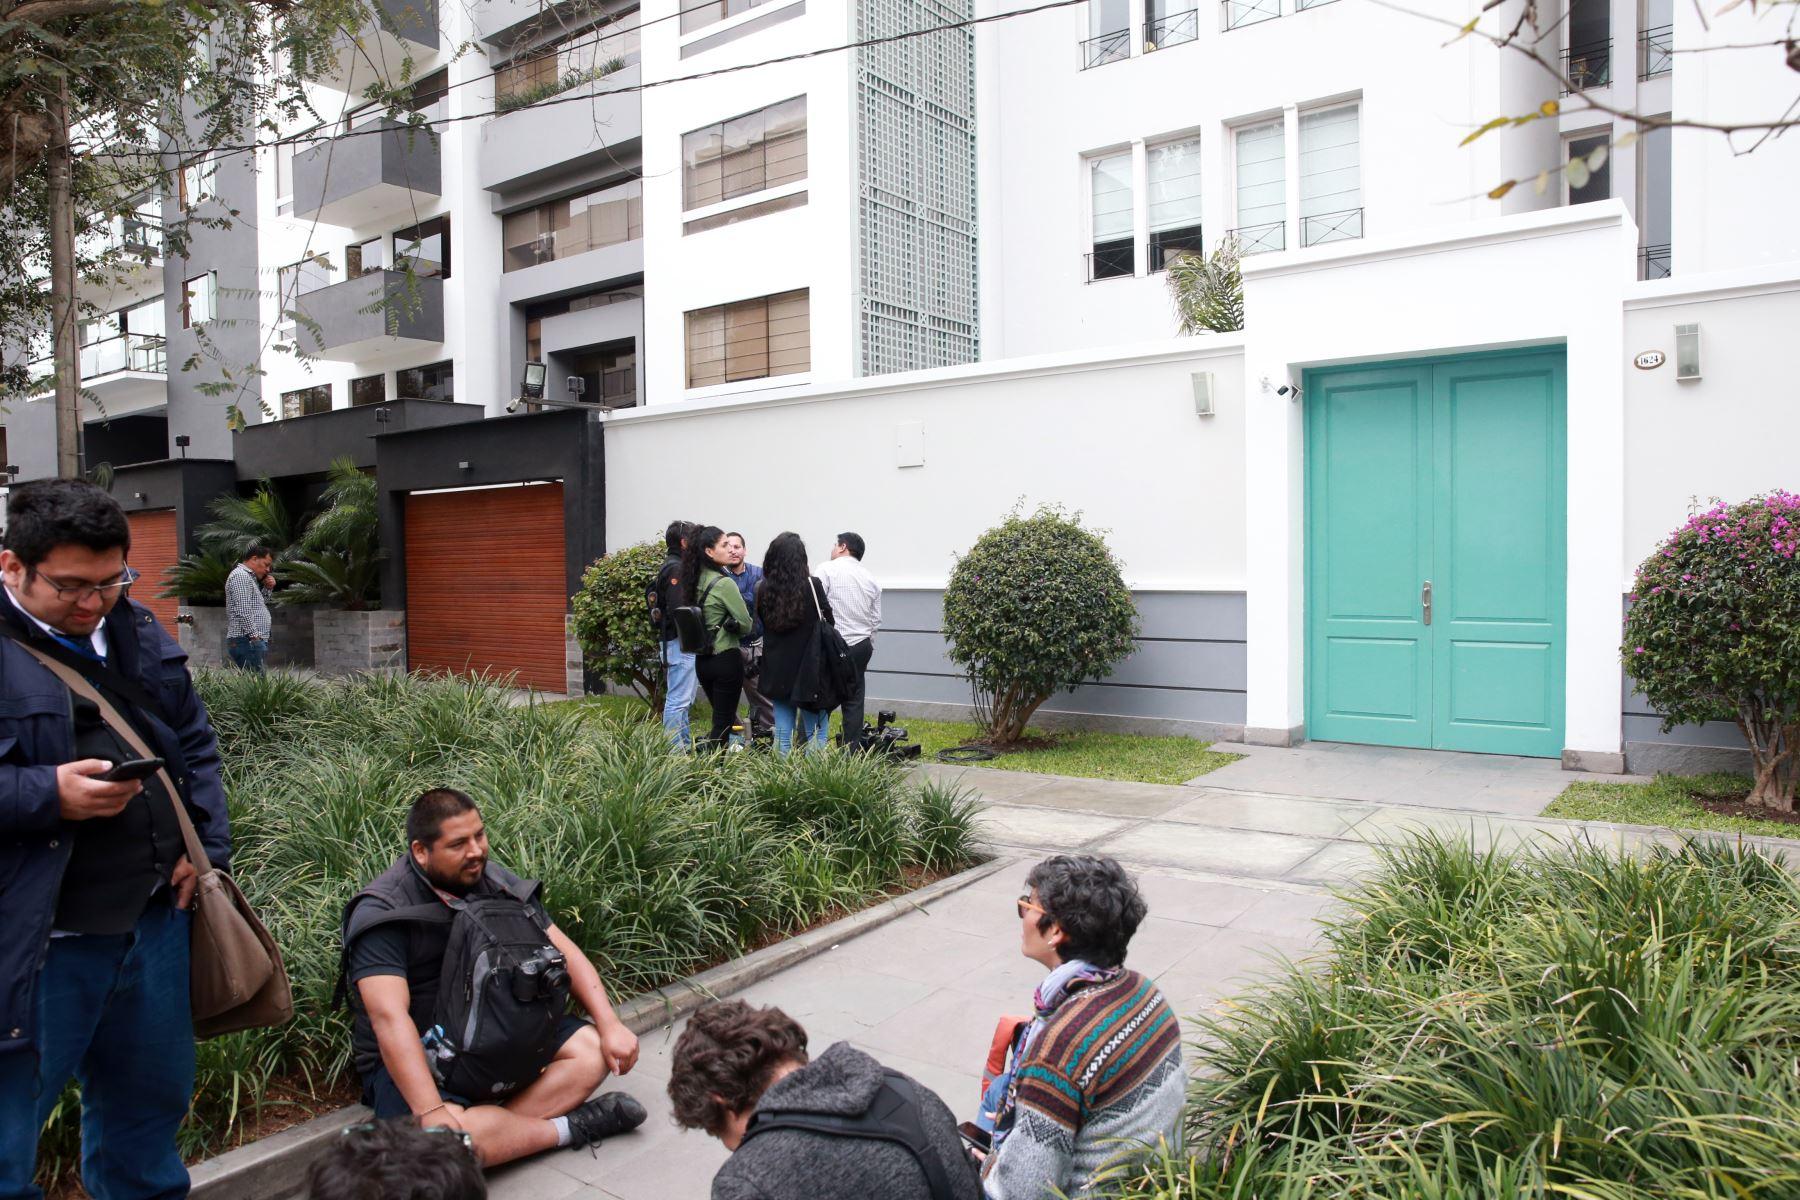 Miembros de la Fiscalía de la Nación, continuan con  el allanamiento del departamento de la integrante de la Comisión Permanente Luciana León.Foto: ANDINA/Jhony Laurente